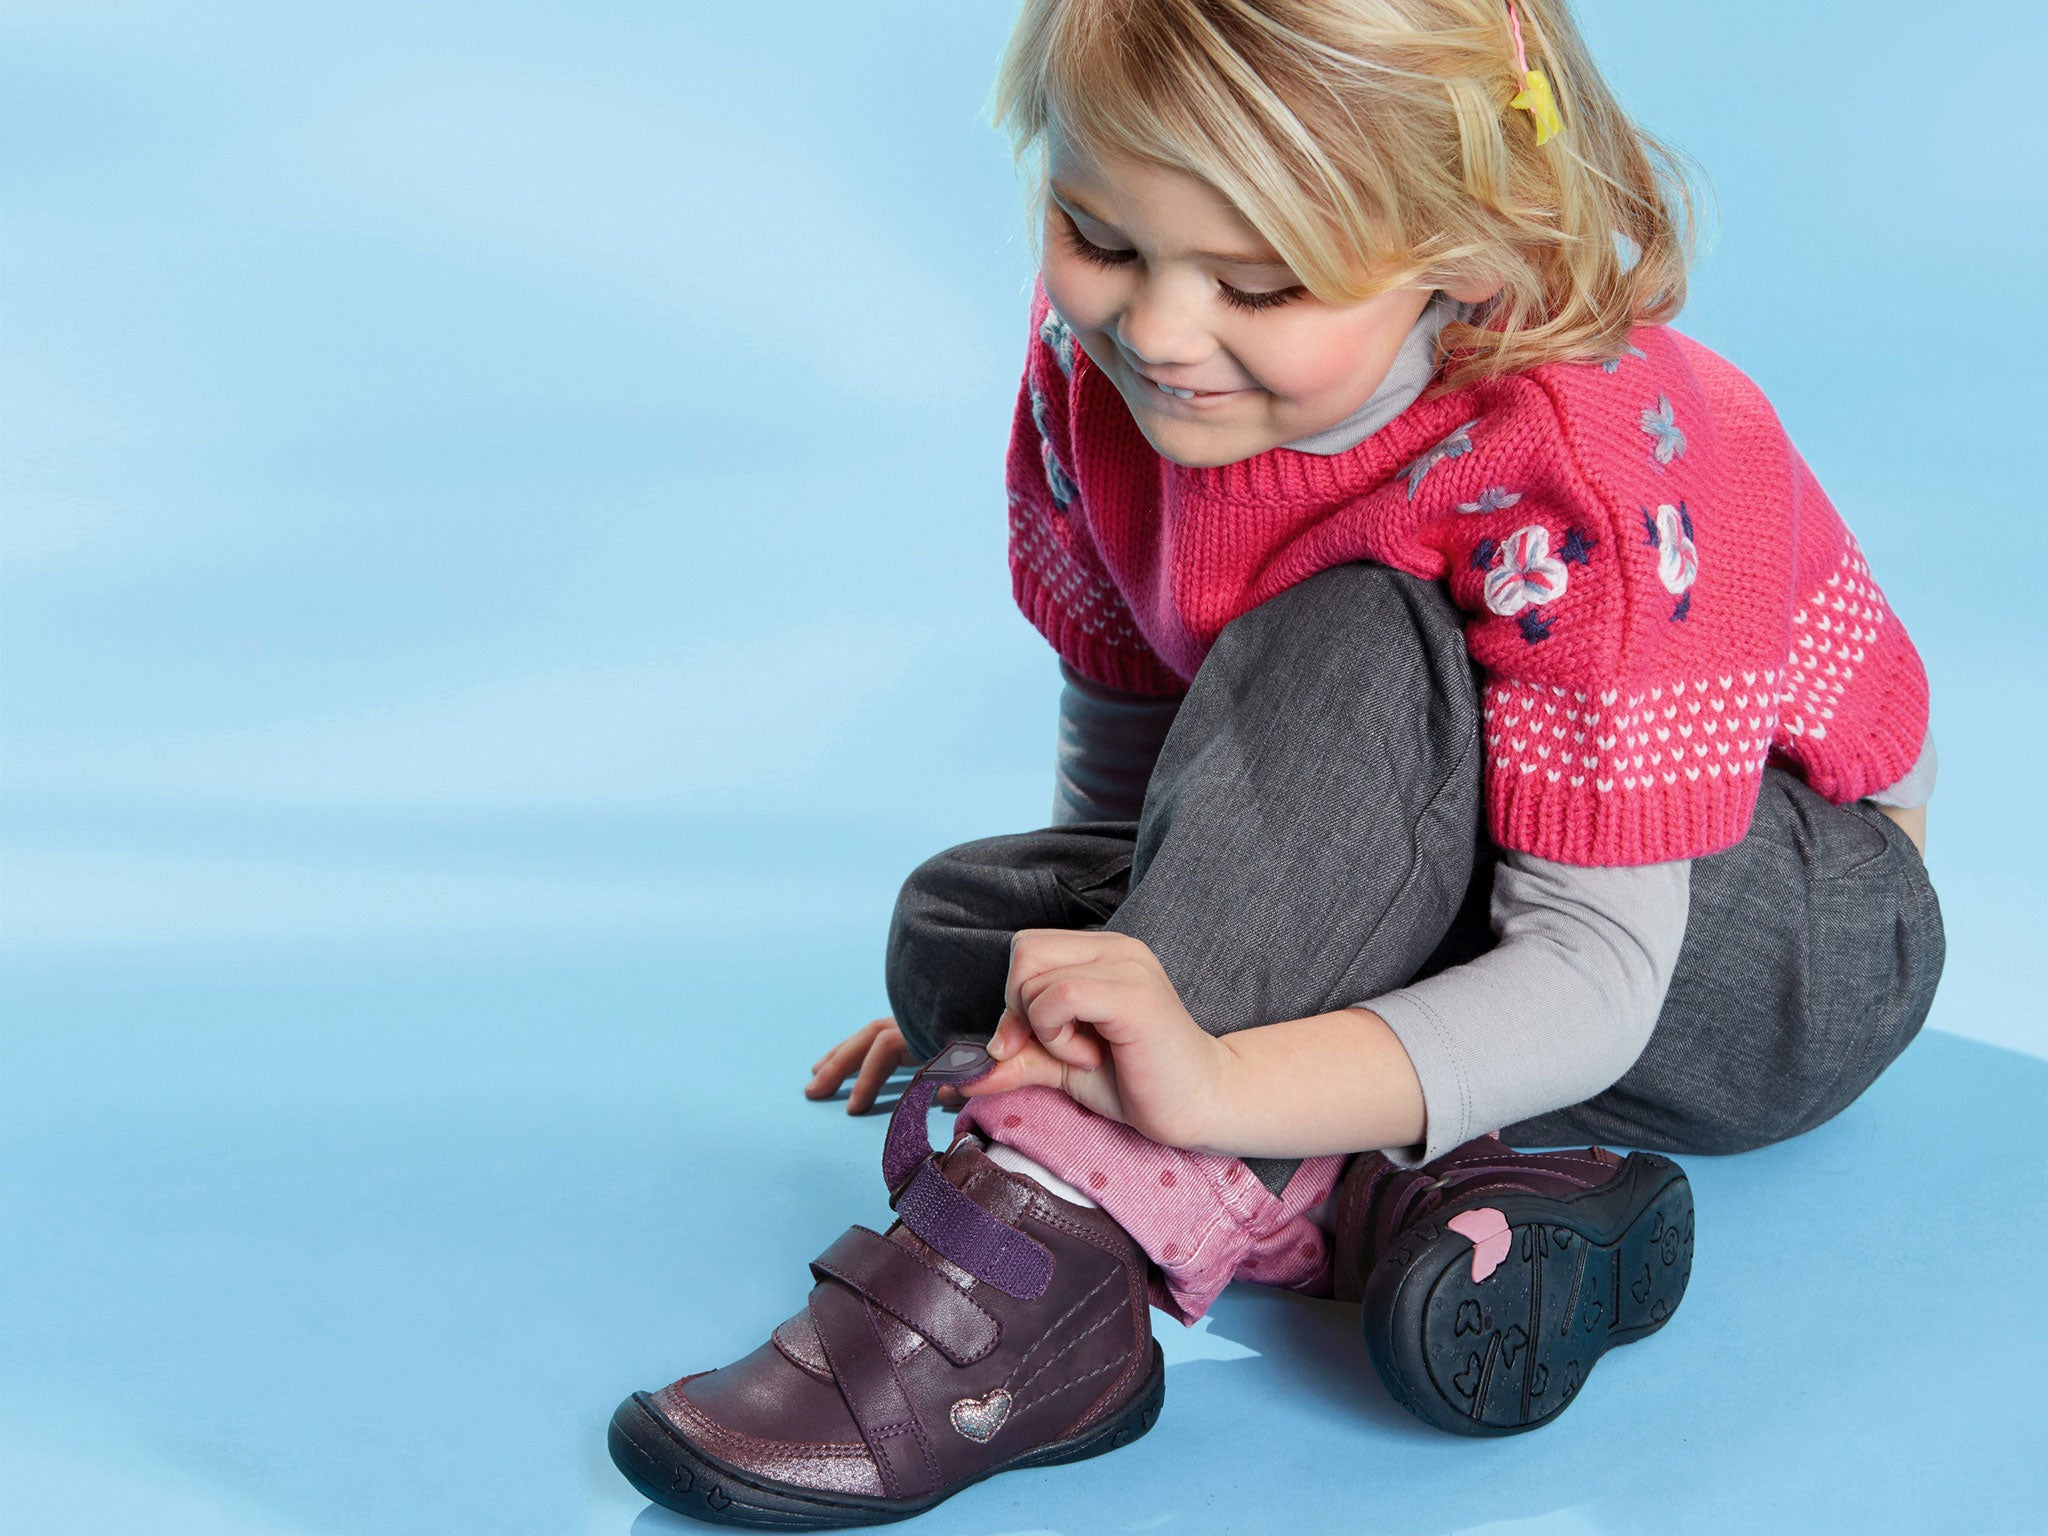 Смешные картинки ребенок и обувь